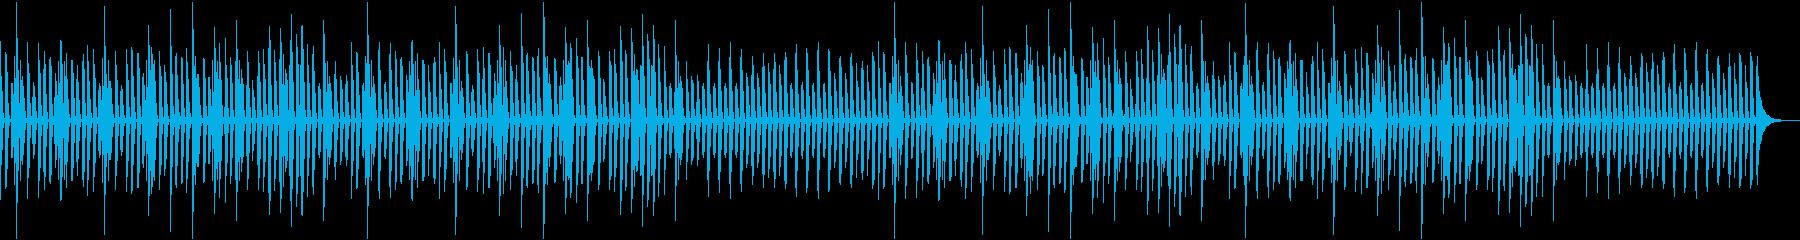 会話・トーク・かわいい・ピアノソロの再生済みの波形